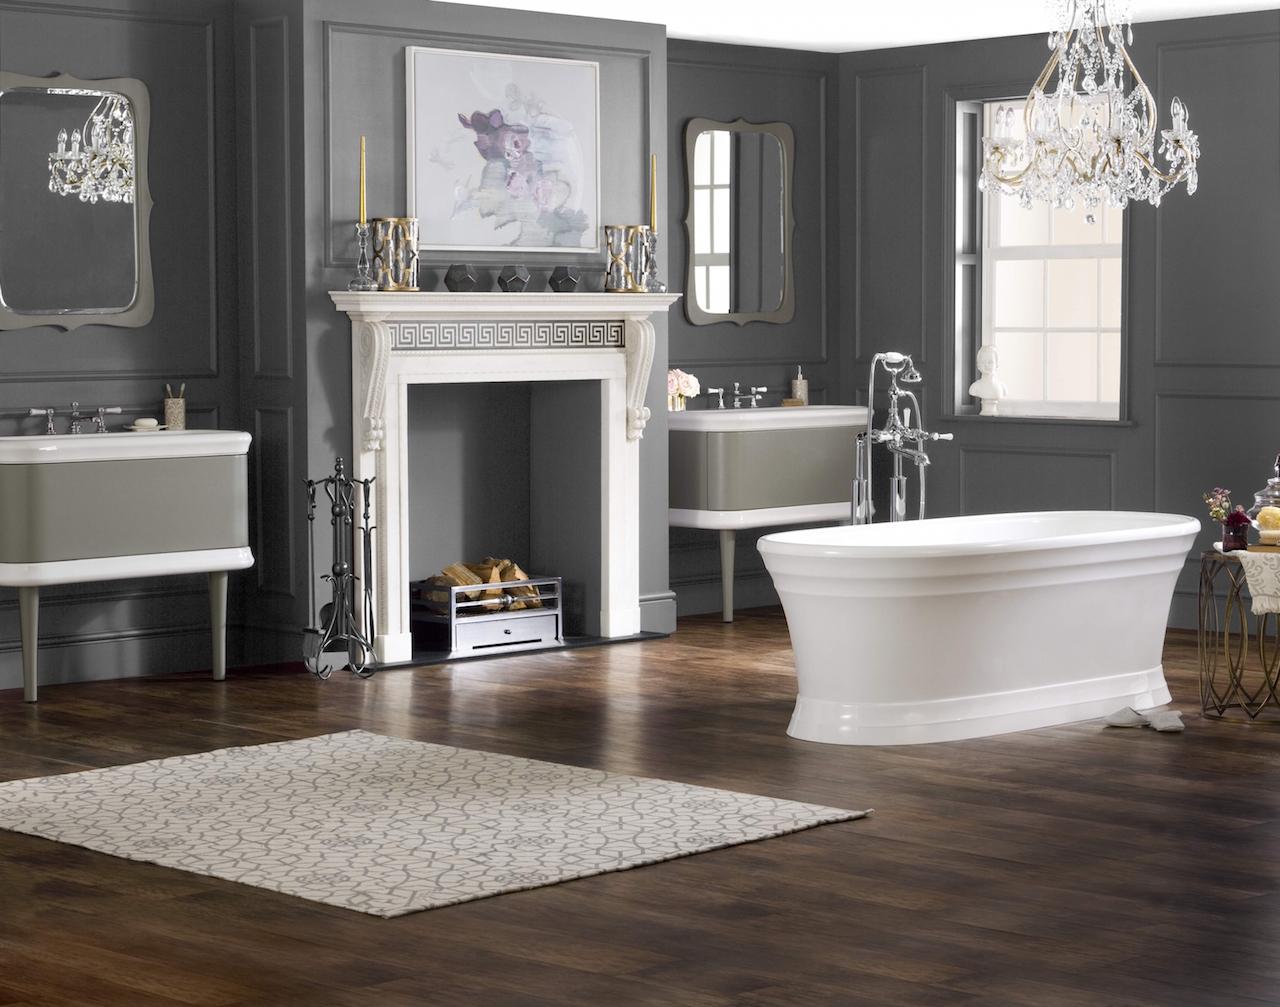 Le iconiche vasche da bagno di victoria albert - Vasche da bagno di lusso ...